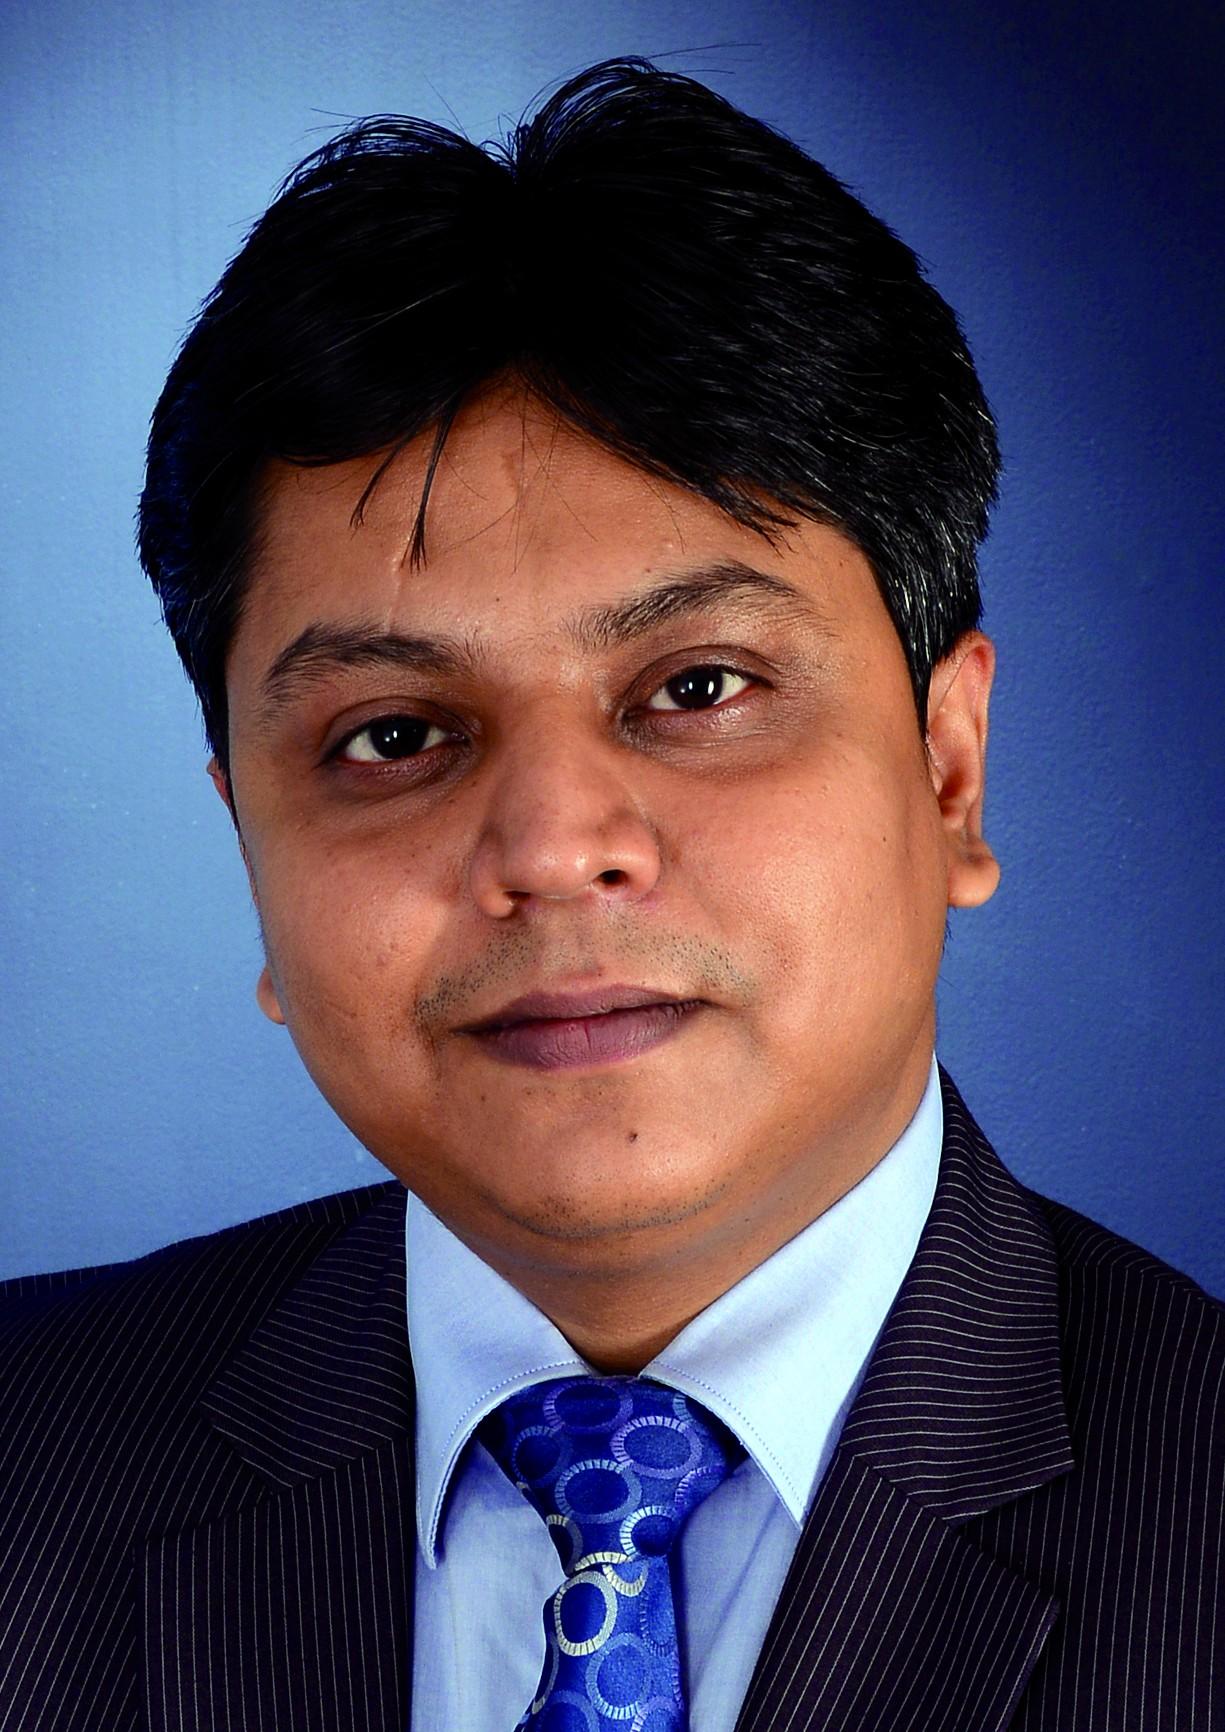 Nishant Professional Pic